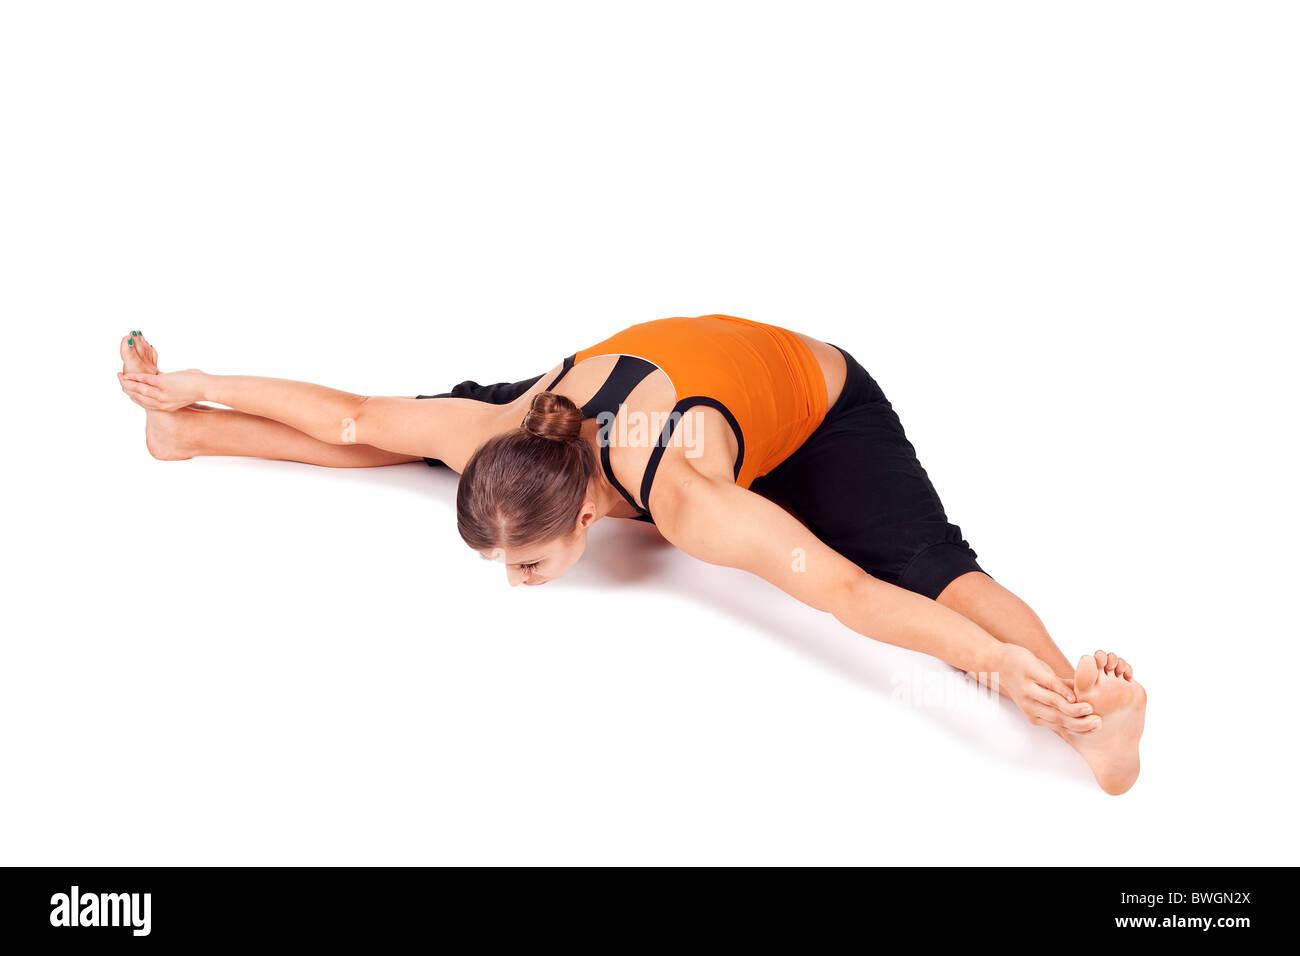 Woman doing yoga exercise called Seated Wide Angle Pose, Sanskrit name: Upavista Konasana - Stock Image